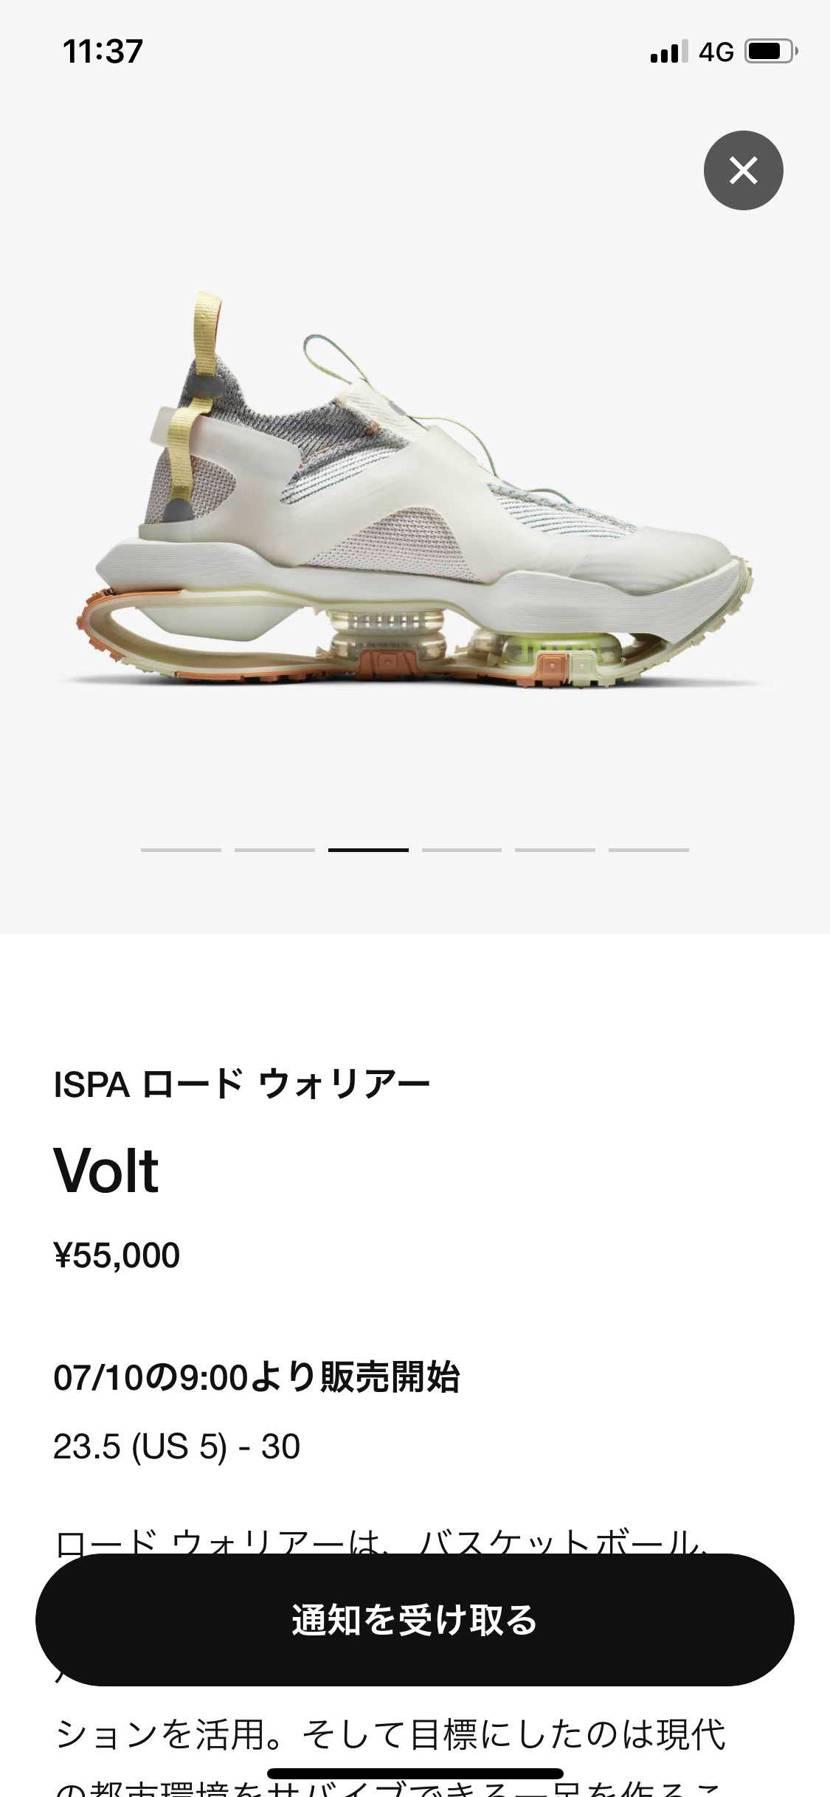 ドクター中松っぽい靴きましたね( ̄▽ ̄;) それにしても値段高すぎる!?